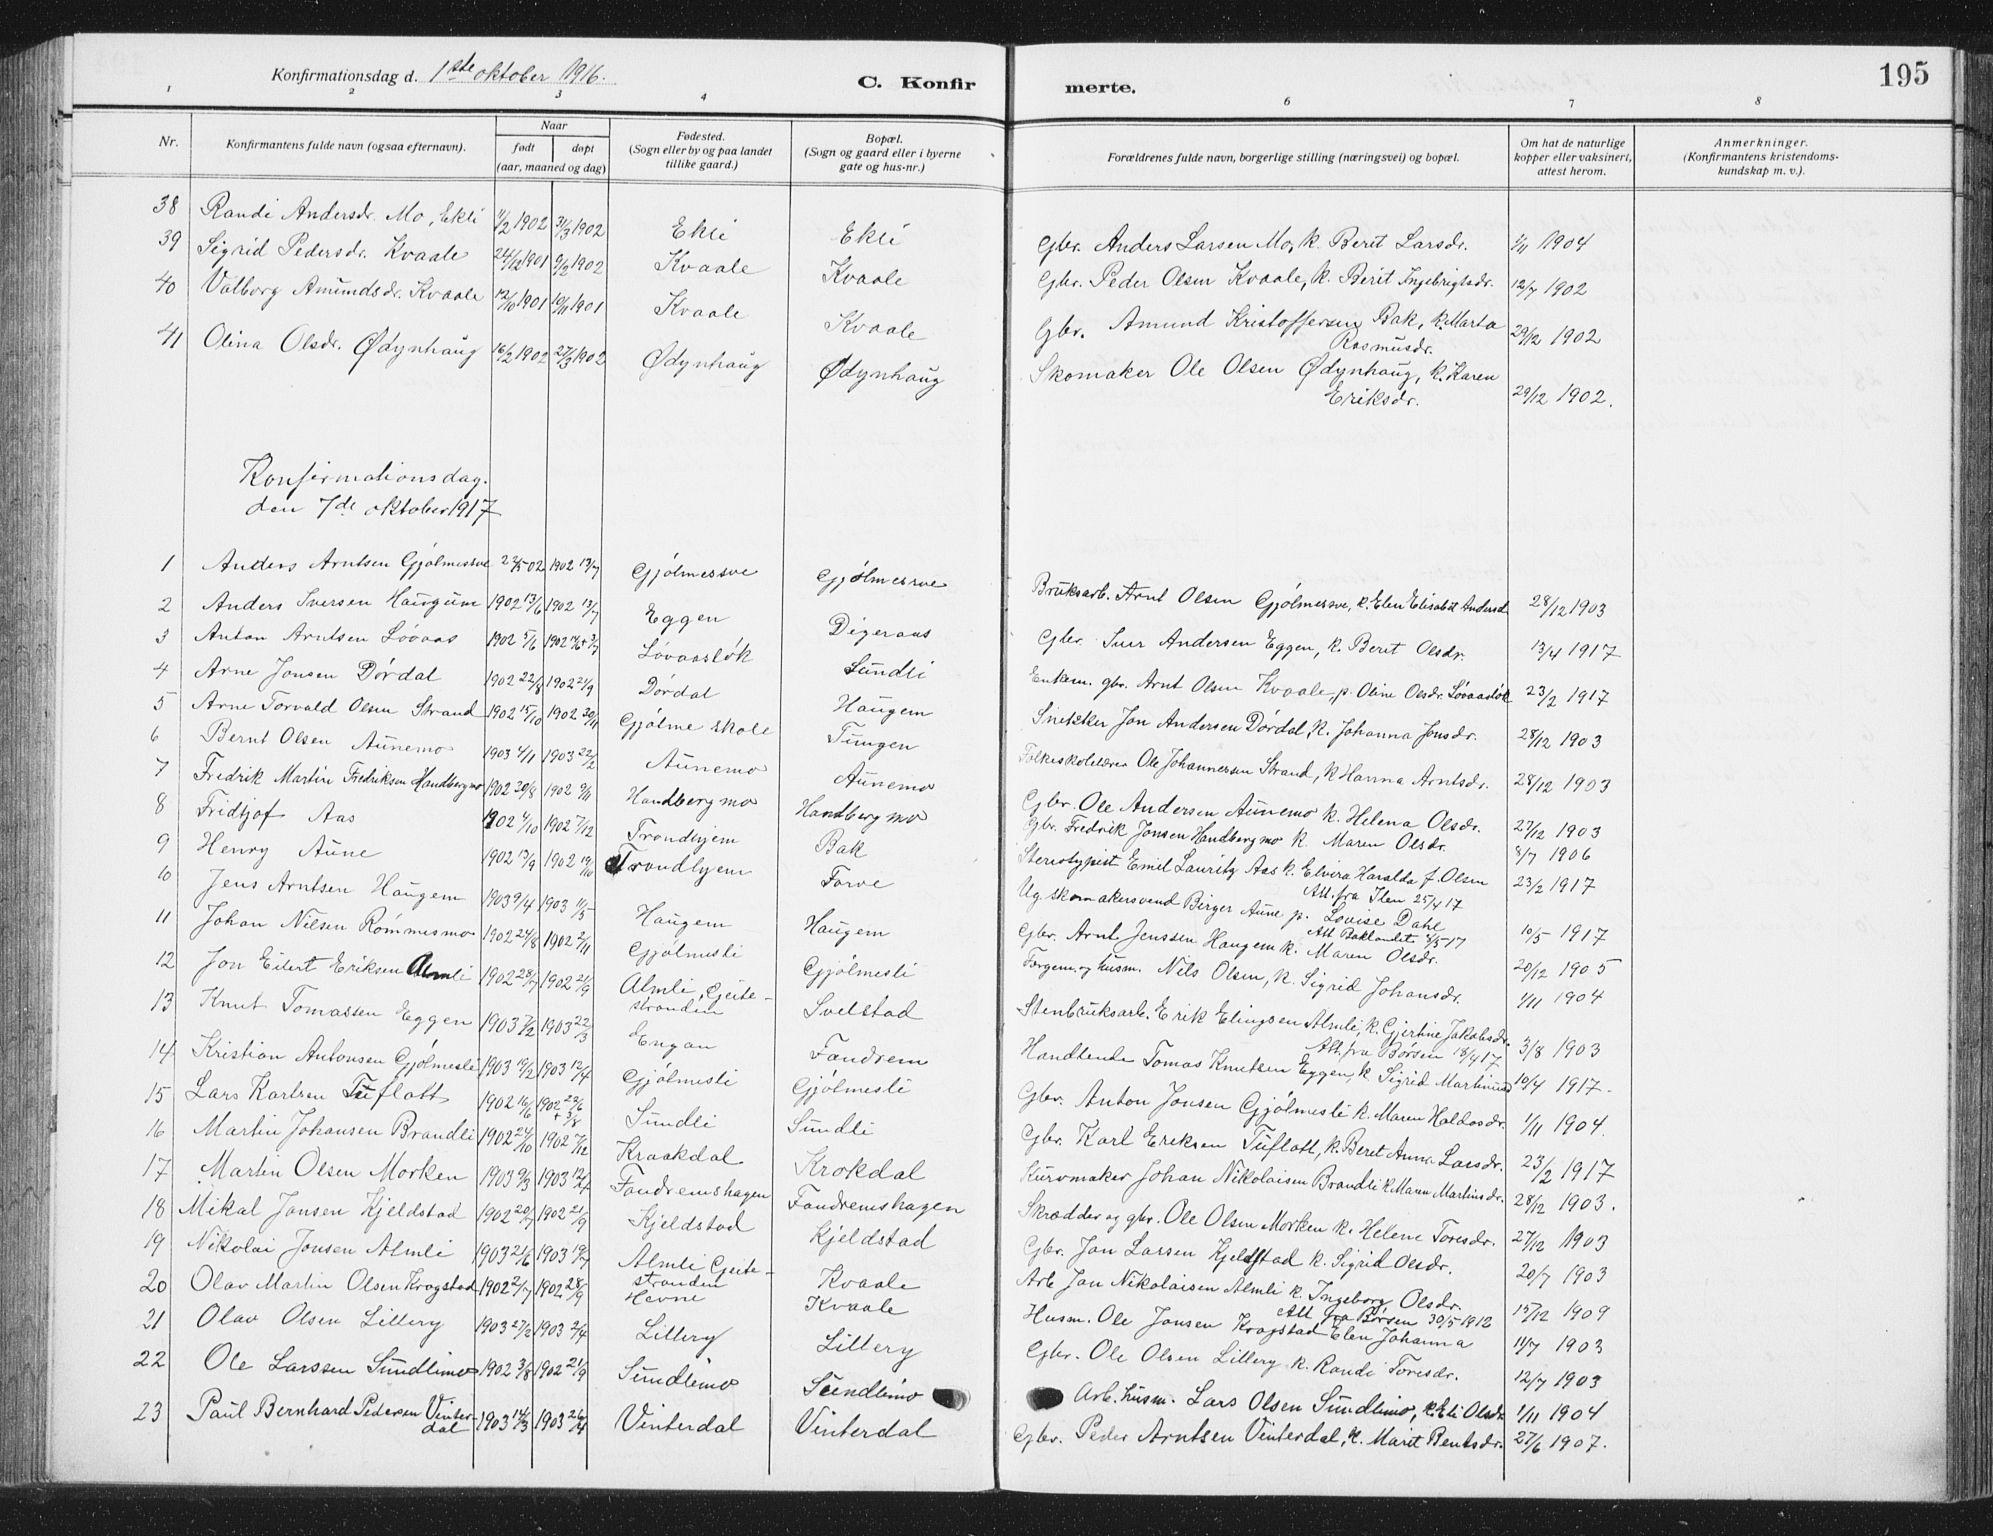 SAT, Ministerialprotokoller, klokkerbøker og fødselsregistre - Sør-Trøndelag, 668/L0820: Klokkerbok nr. 668C09, 1912-1936, s. 195